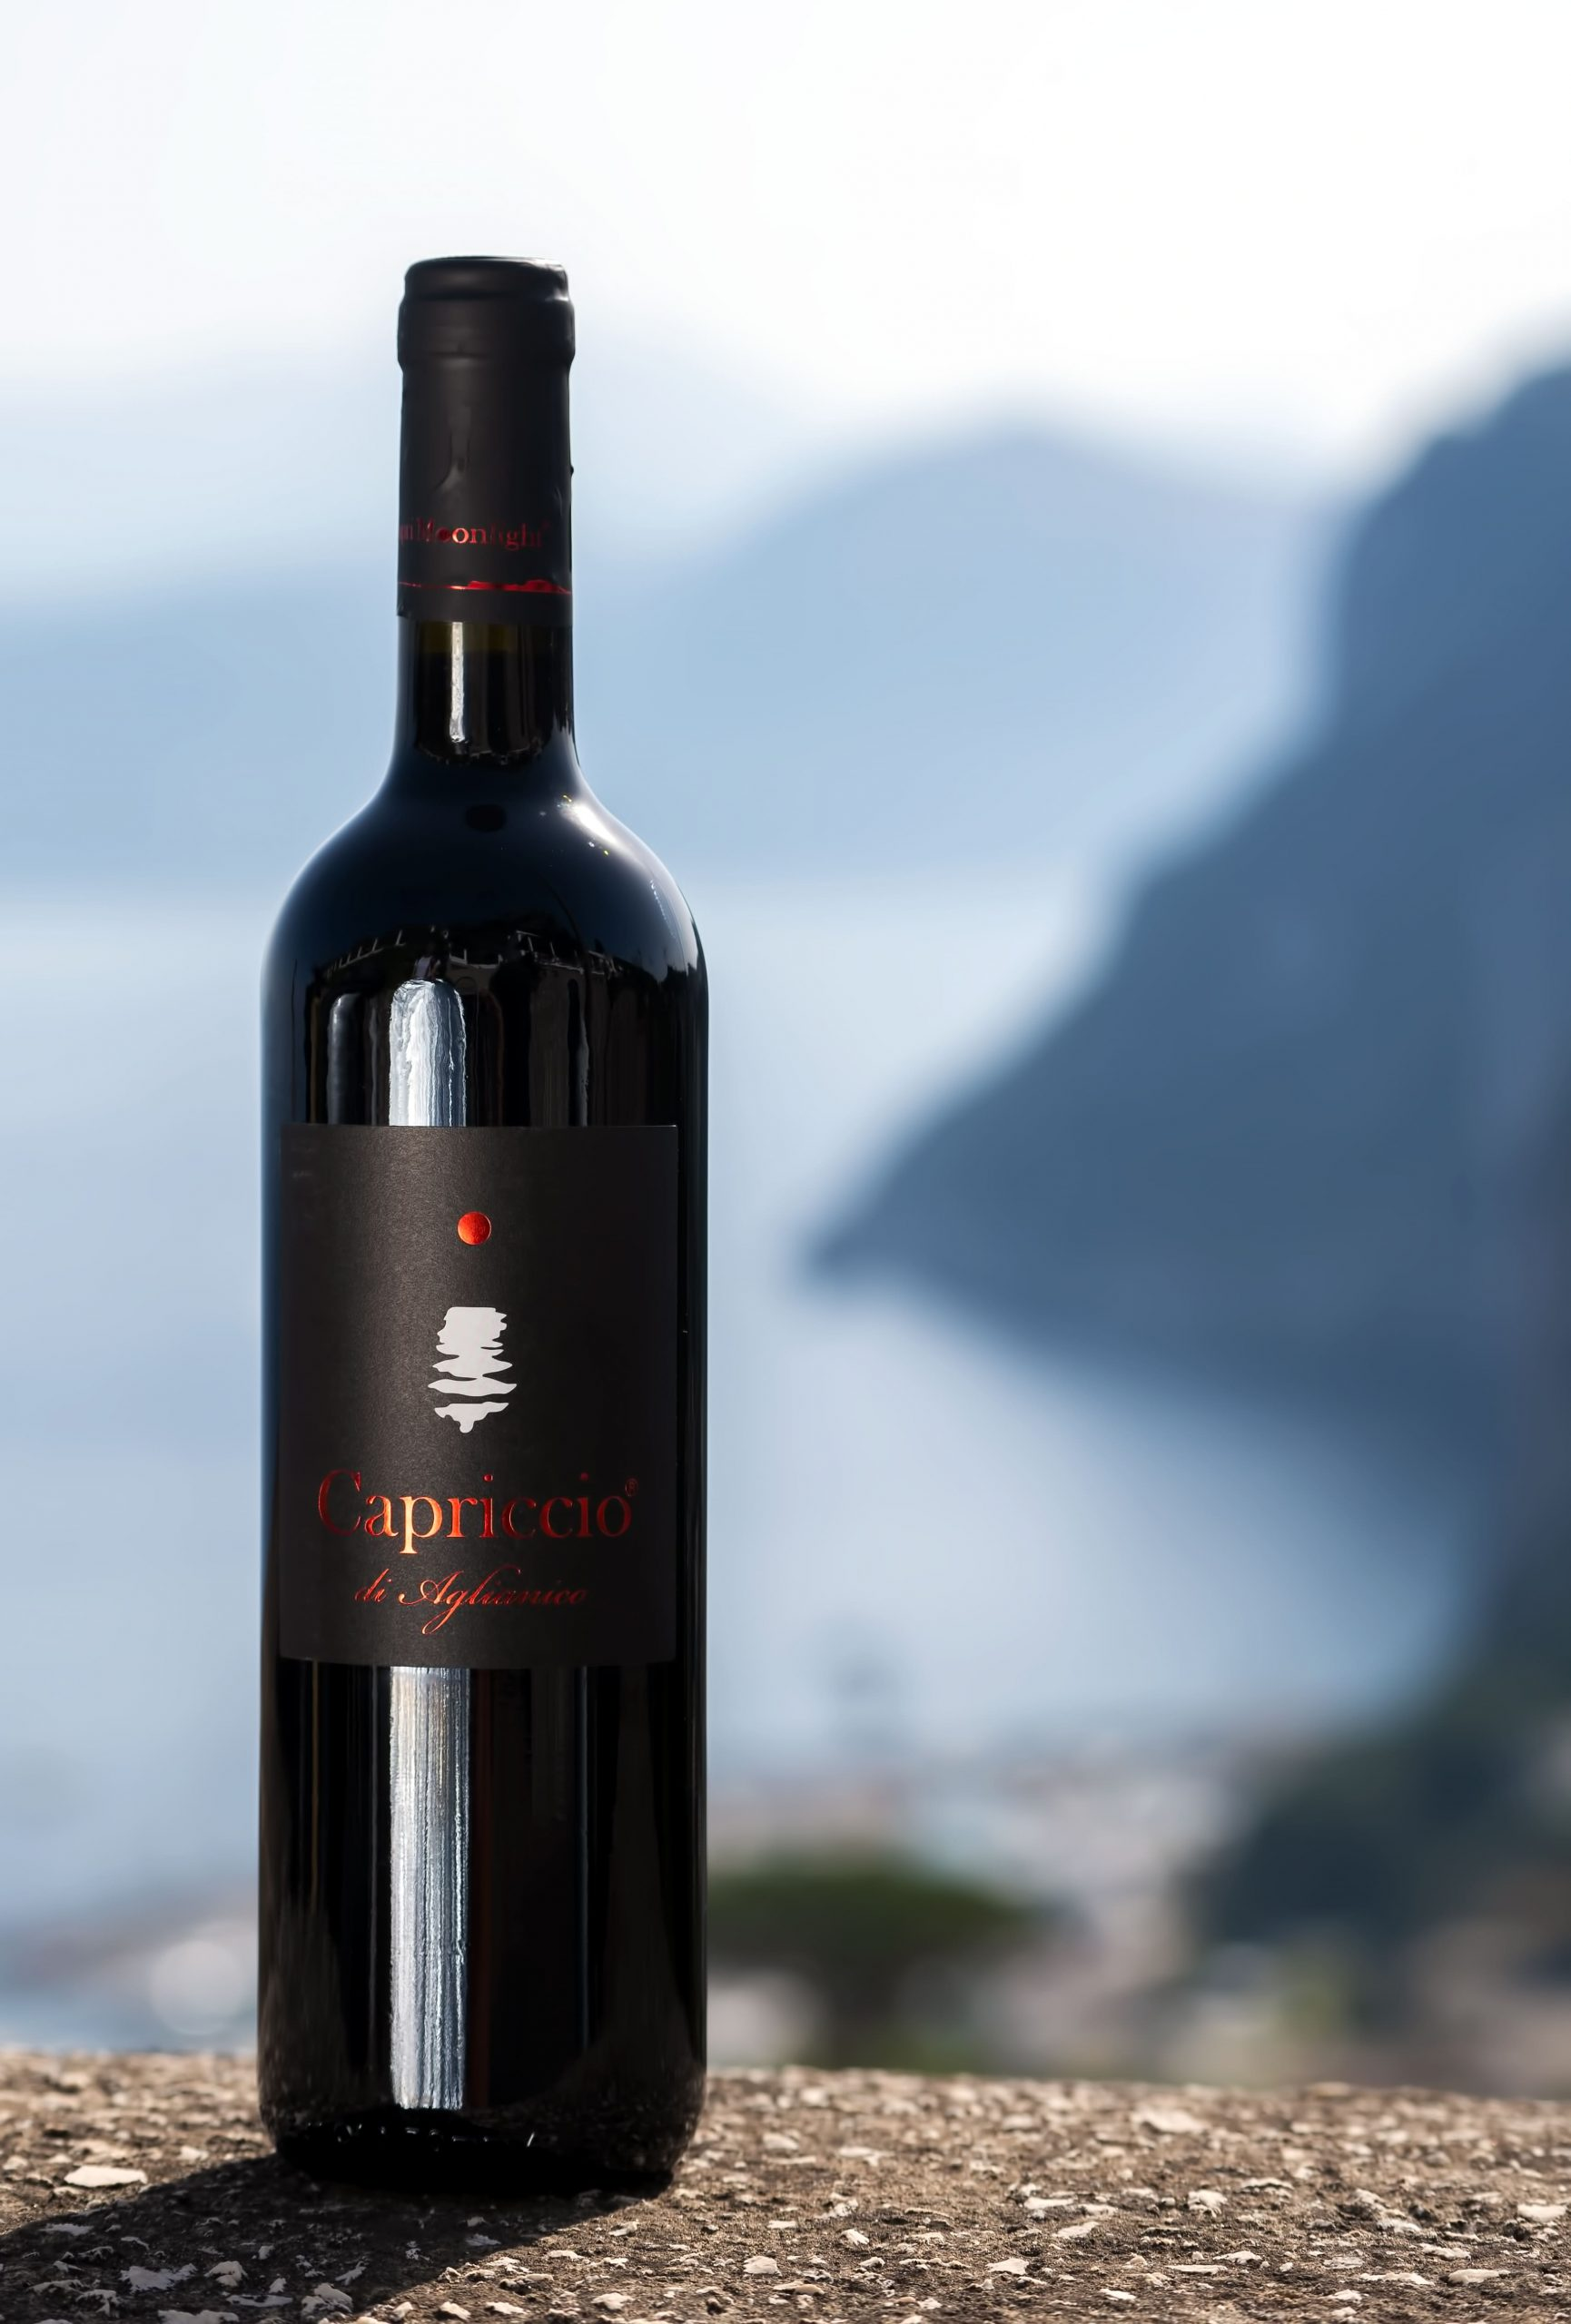 capriccio of aglianico. capri moonlight. wine capri